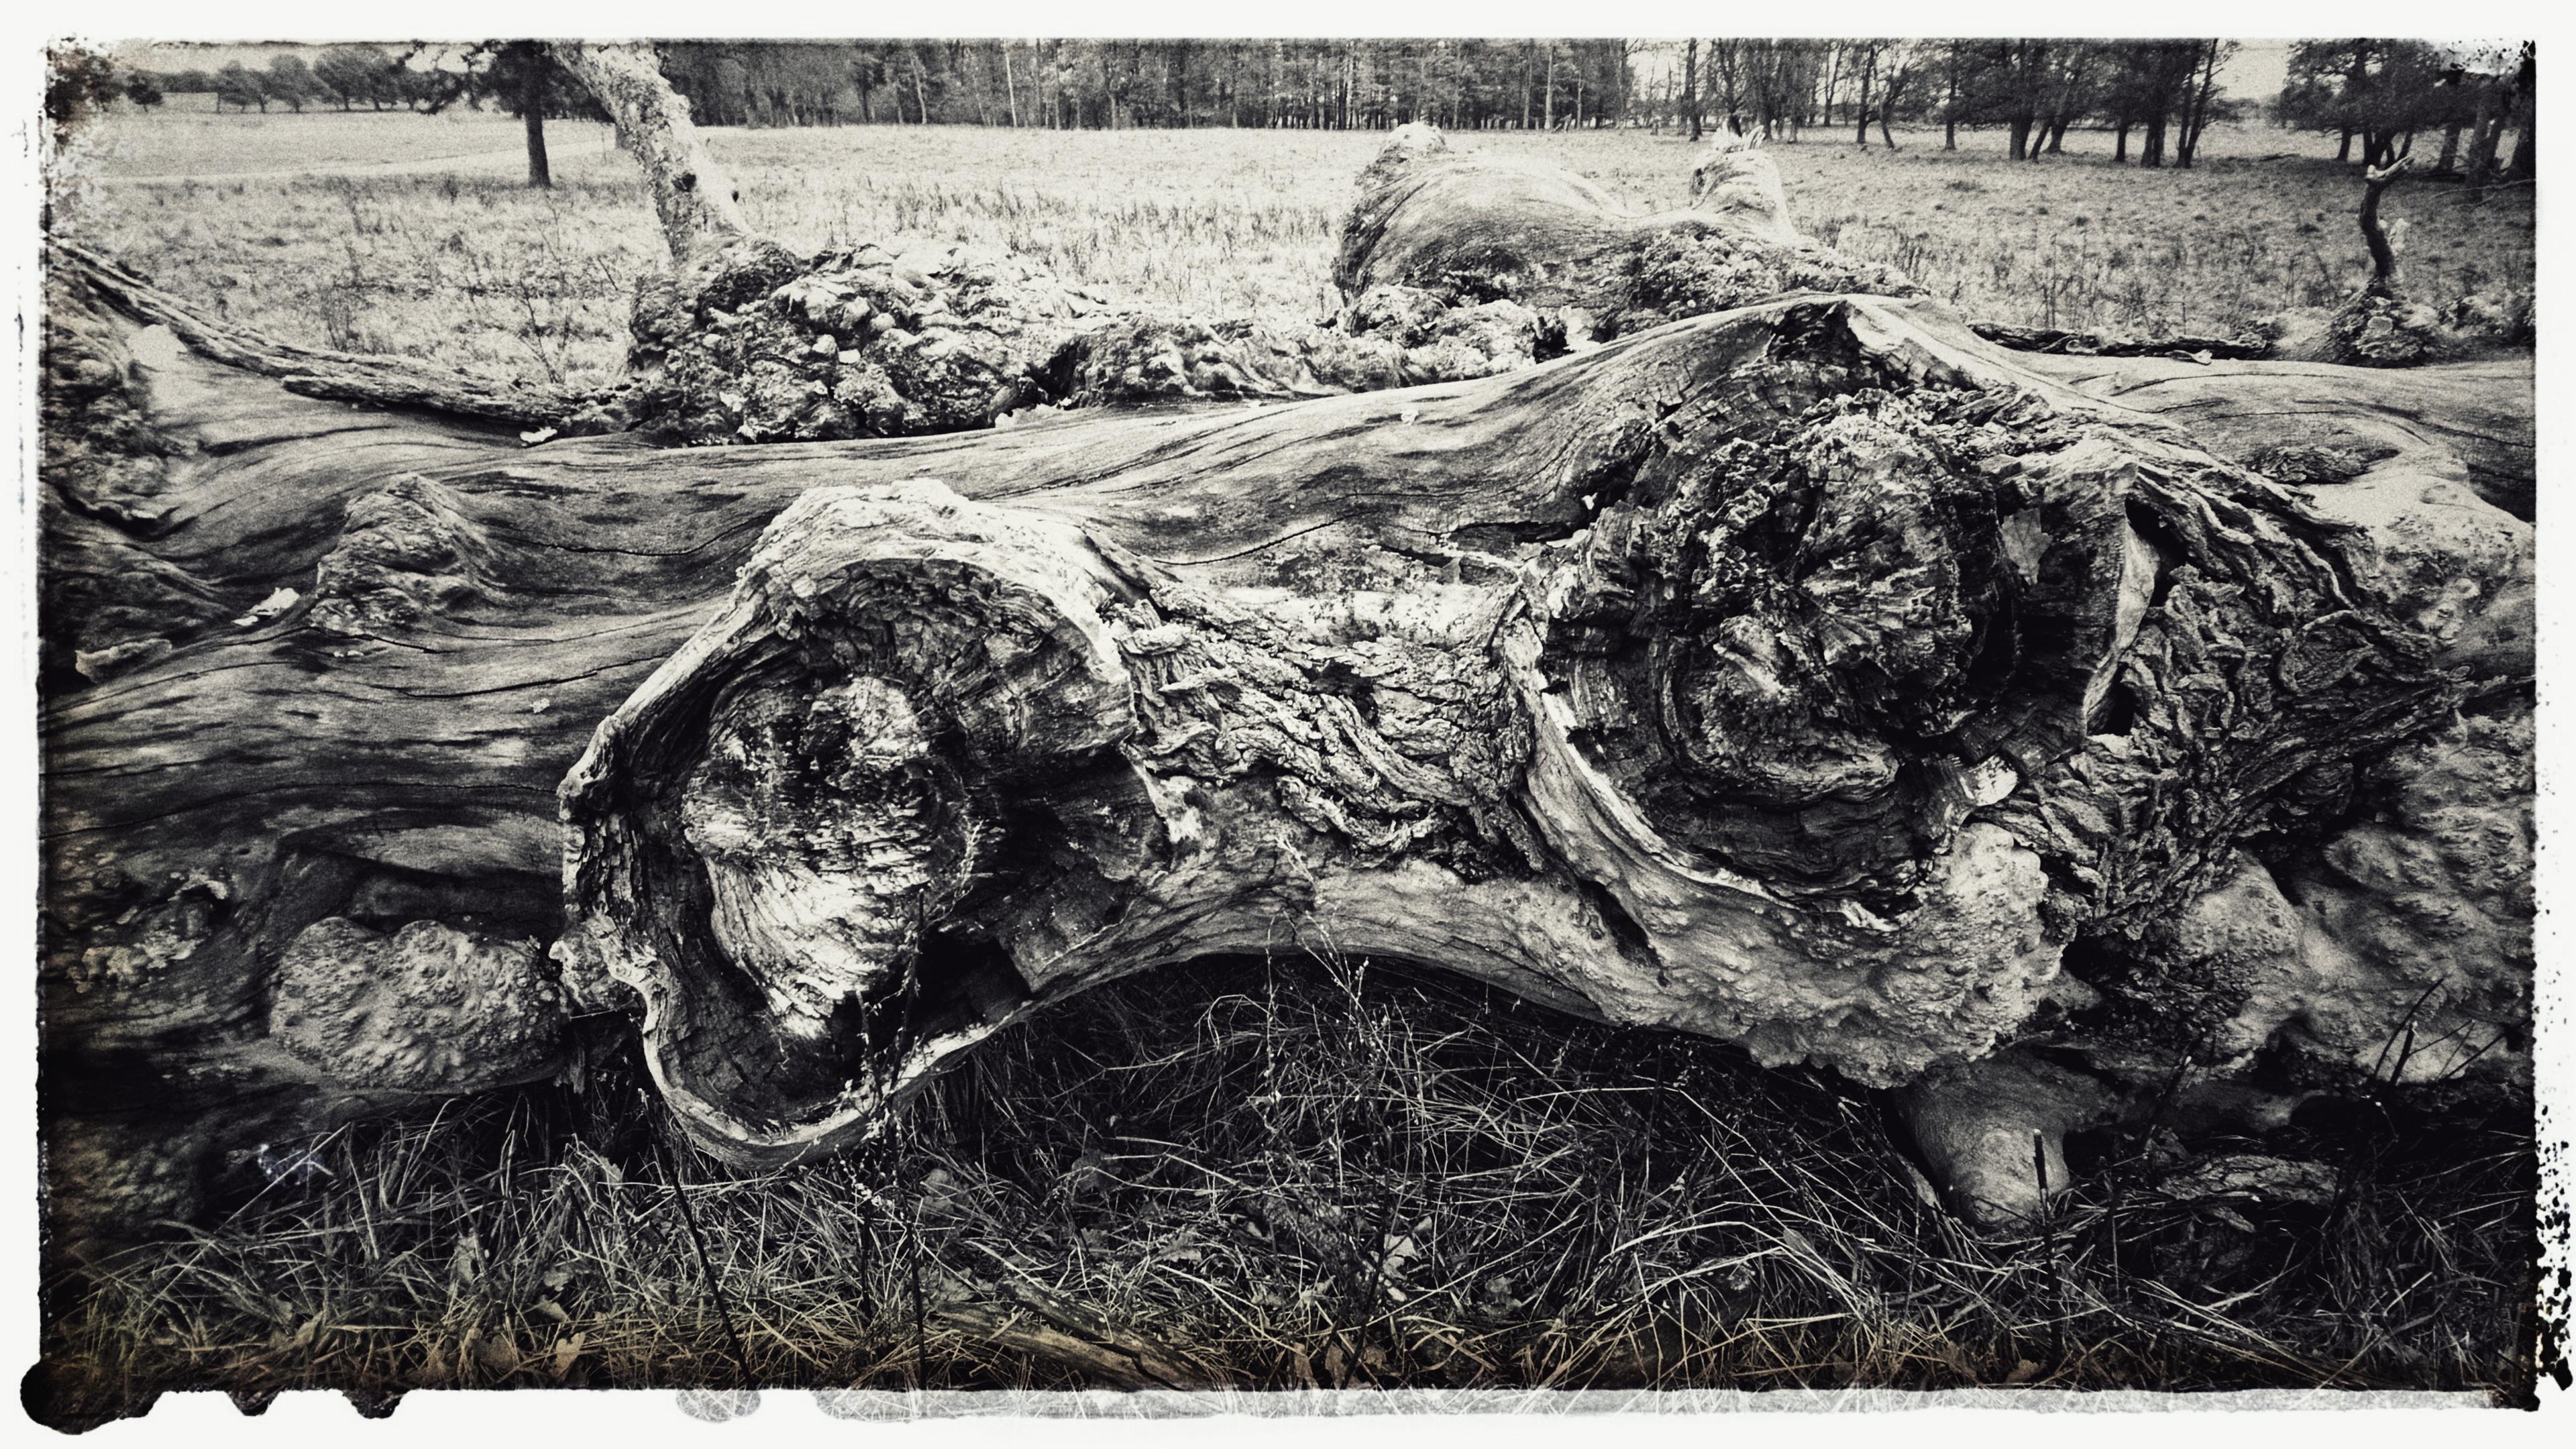 Ett fallet träd, en gammal Alm.